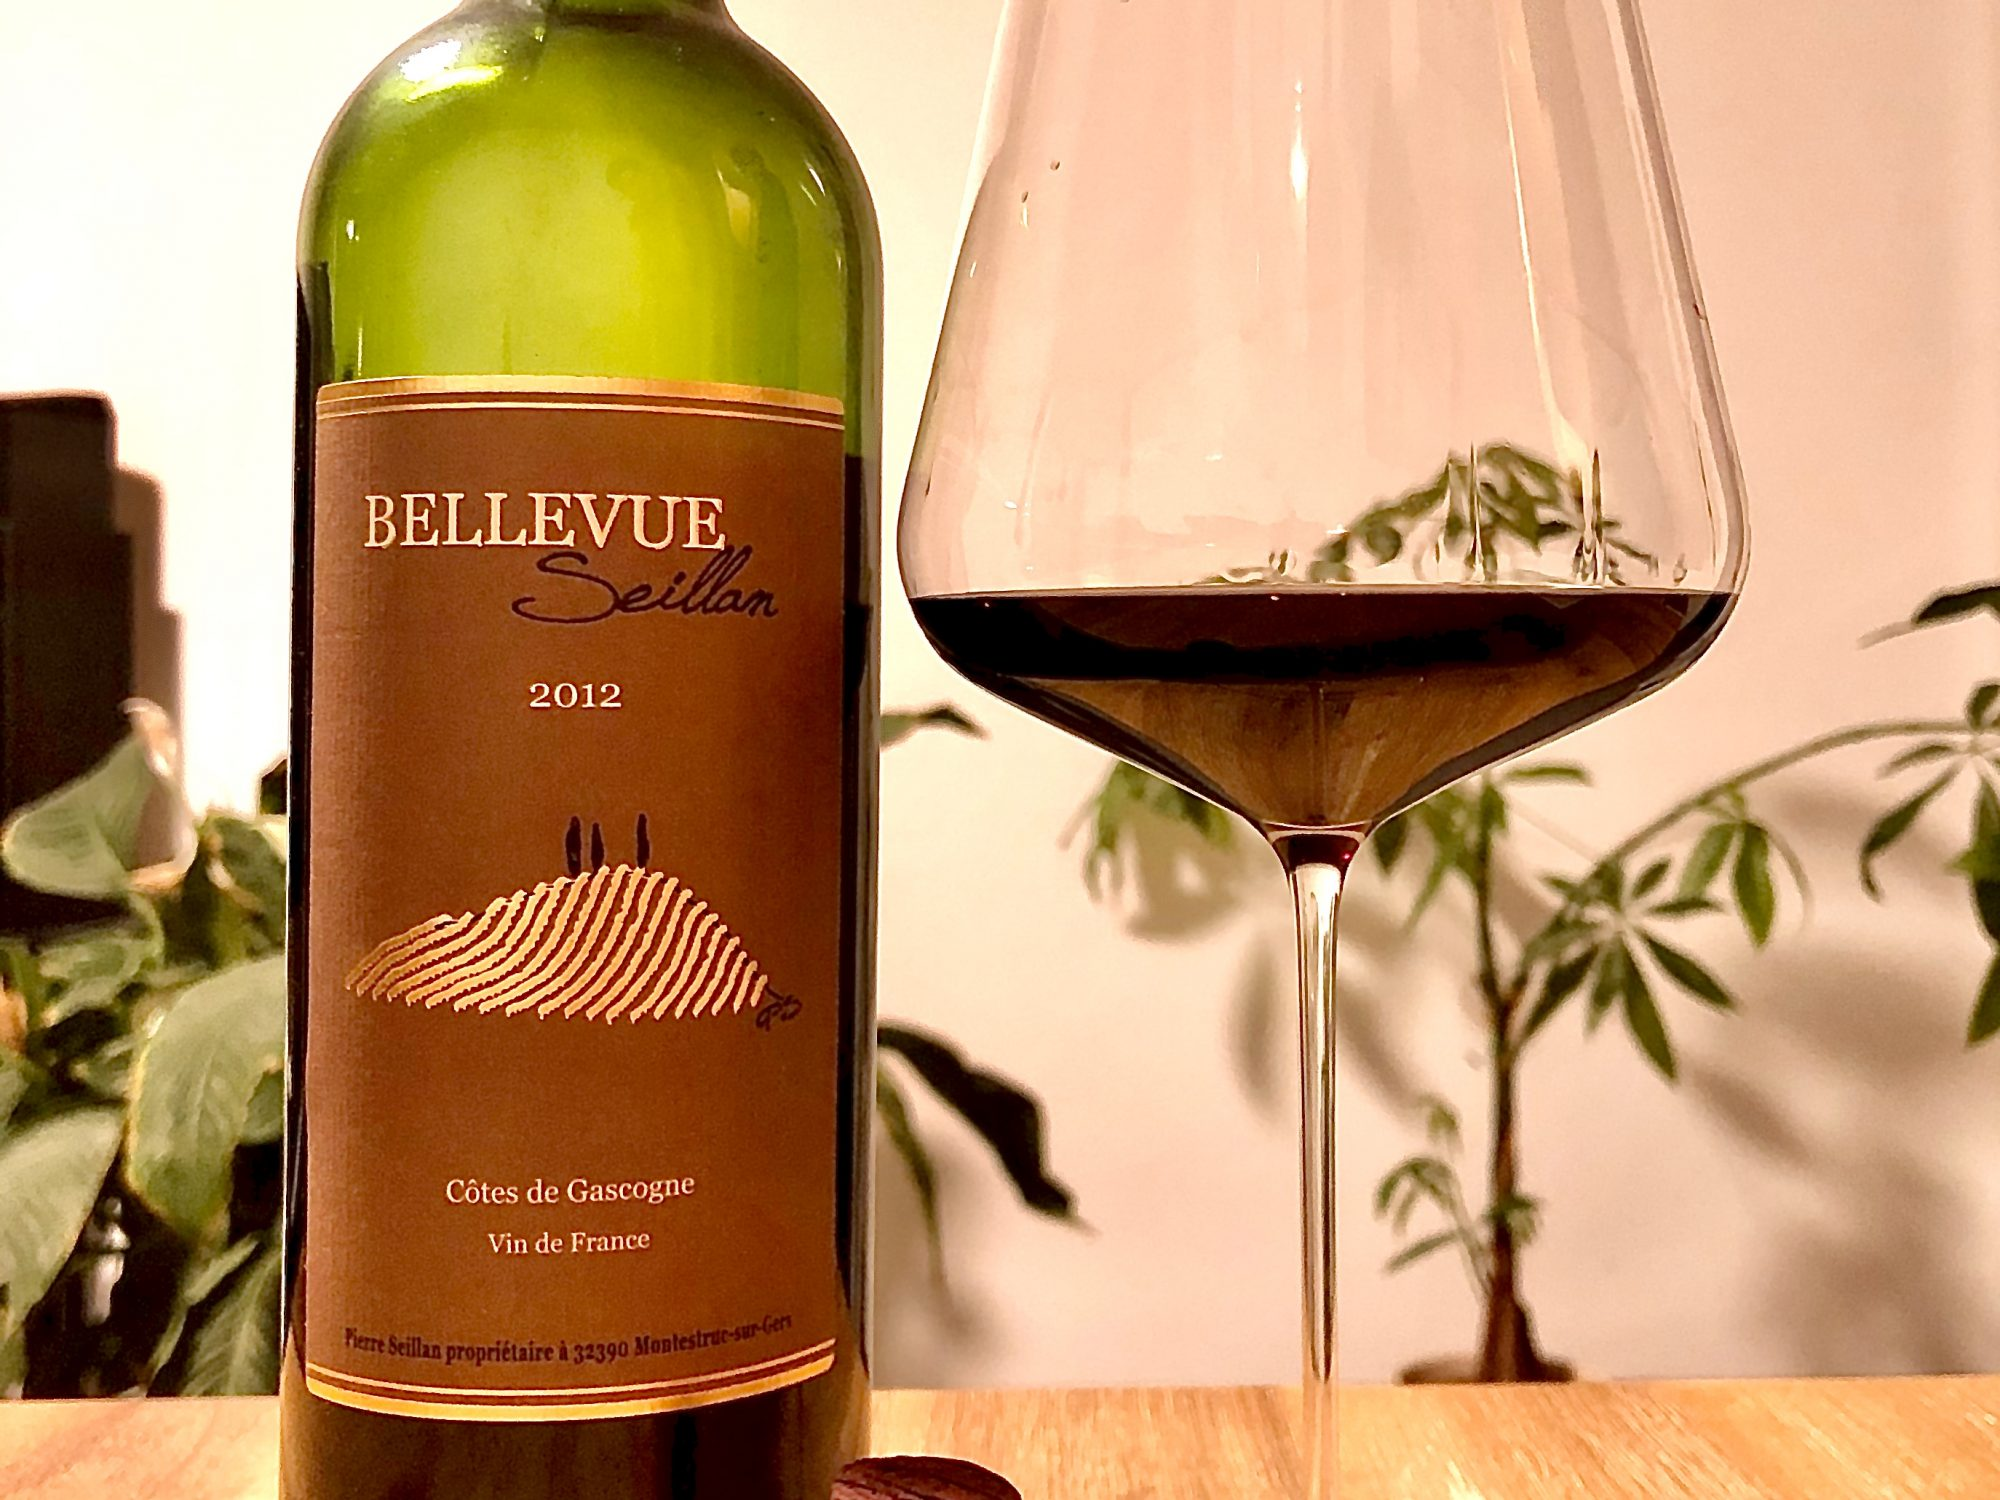 Bellevue Seillan2012